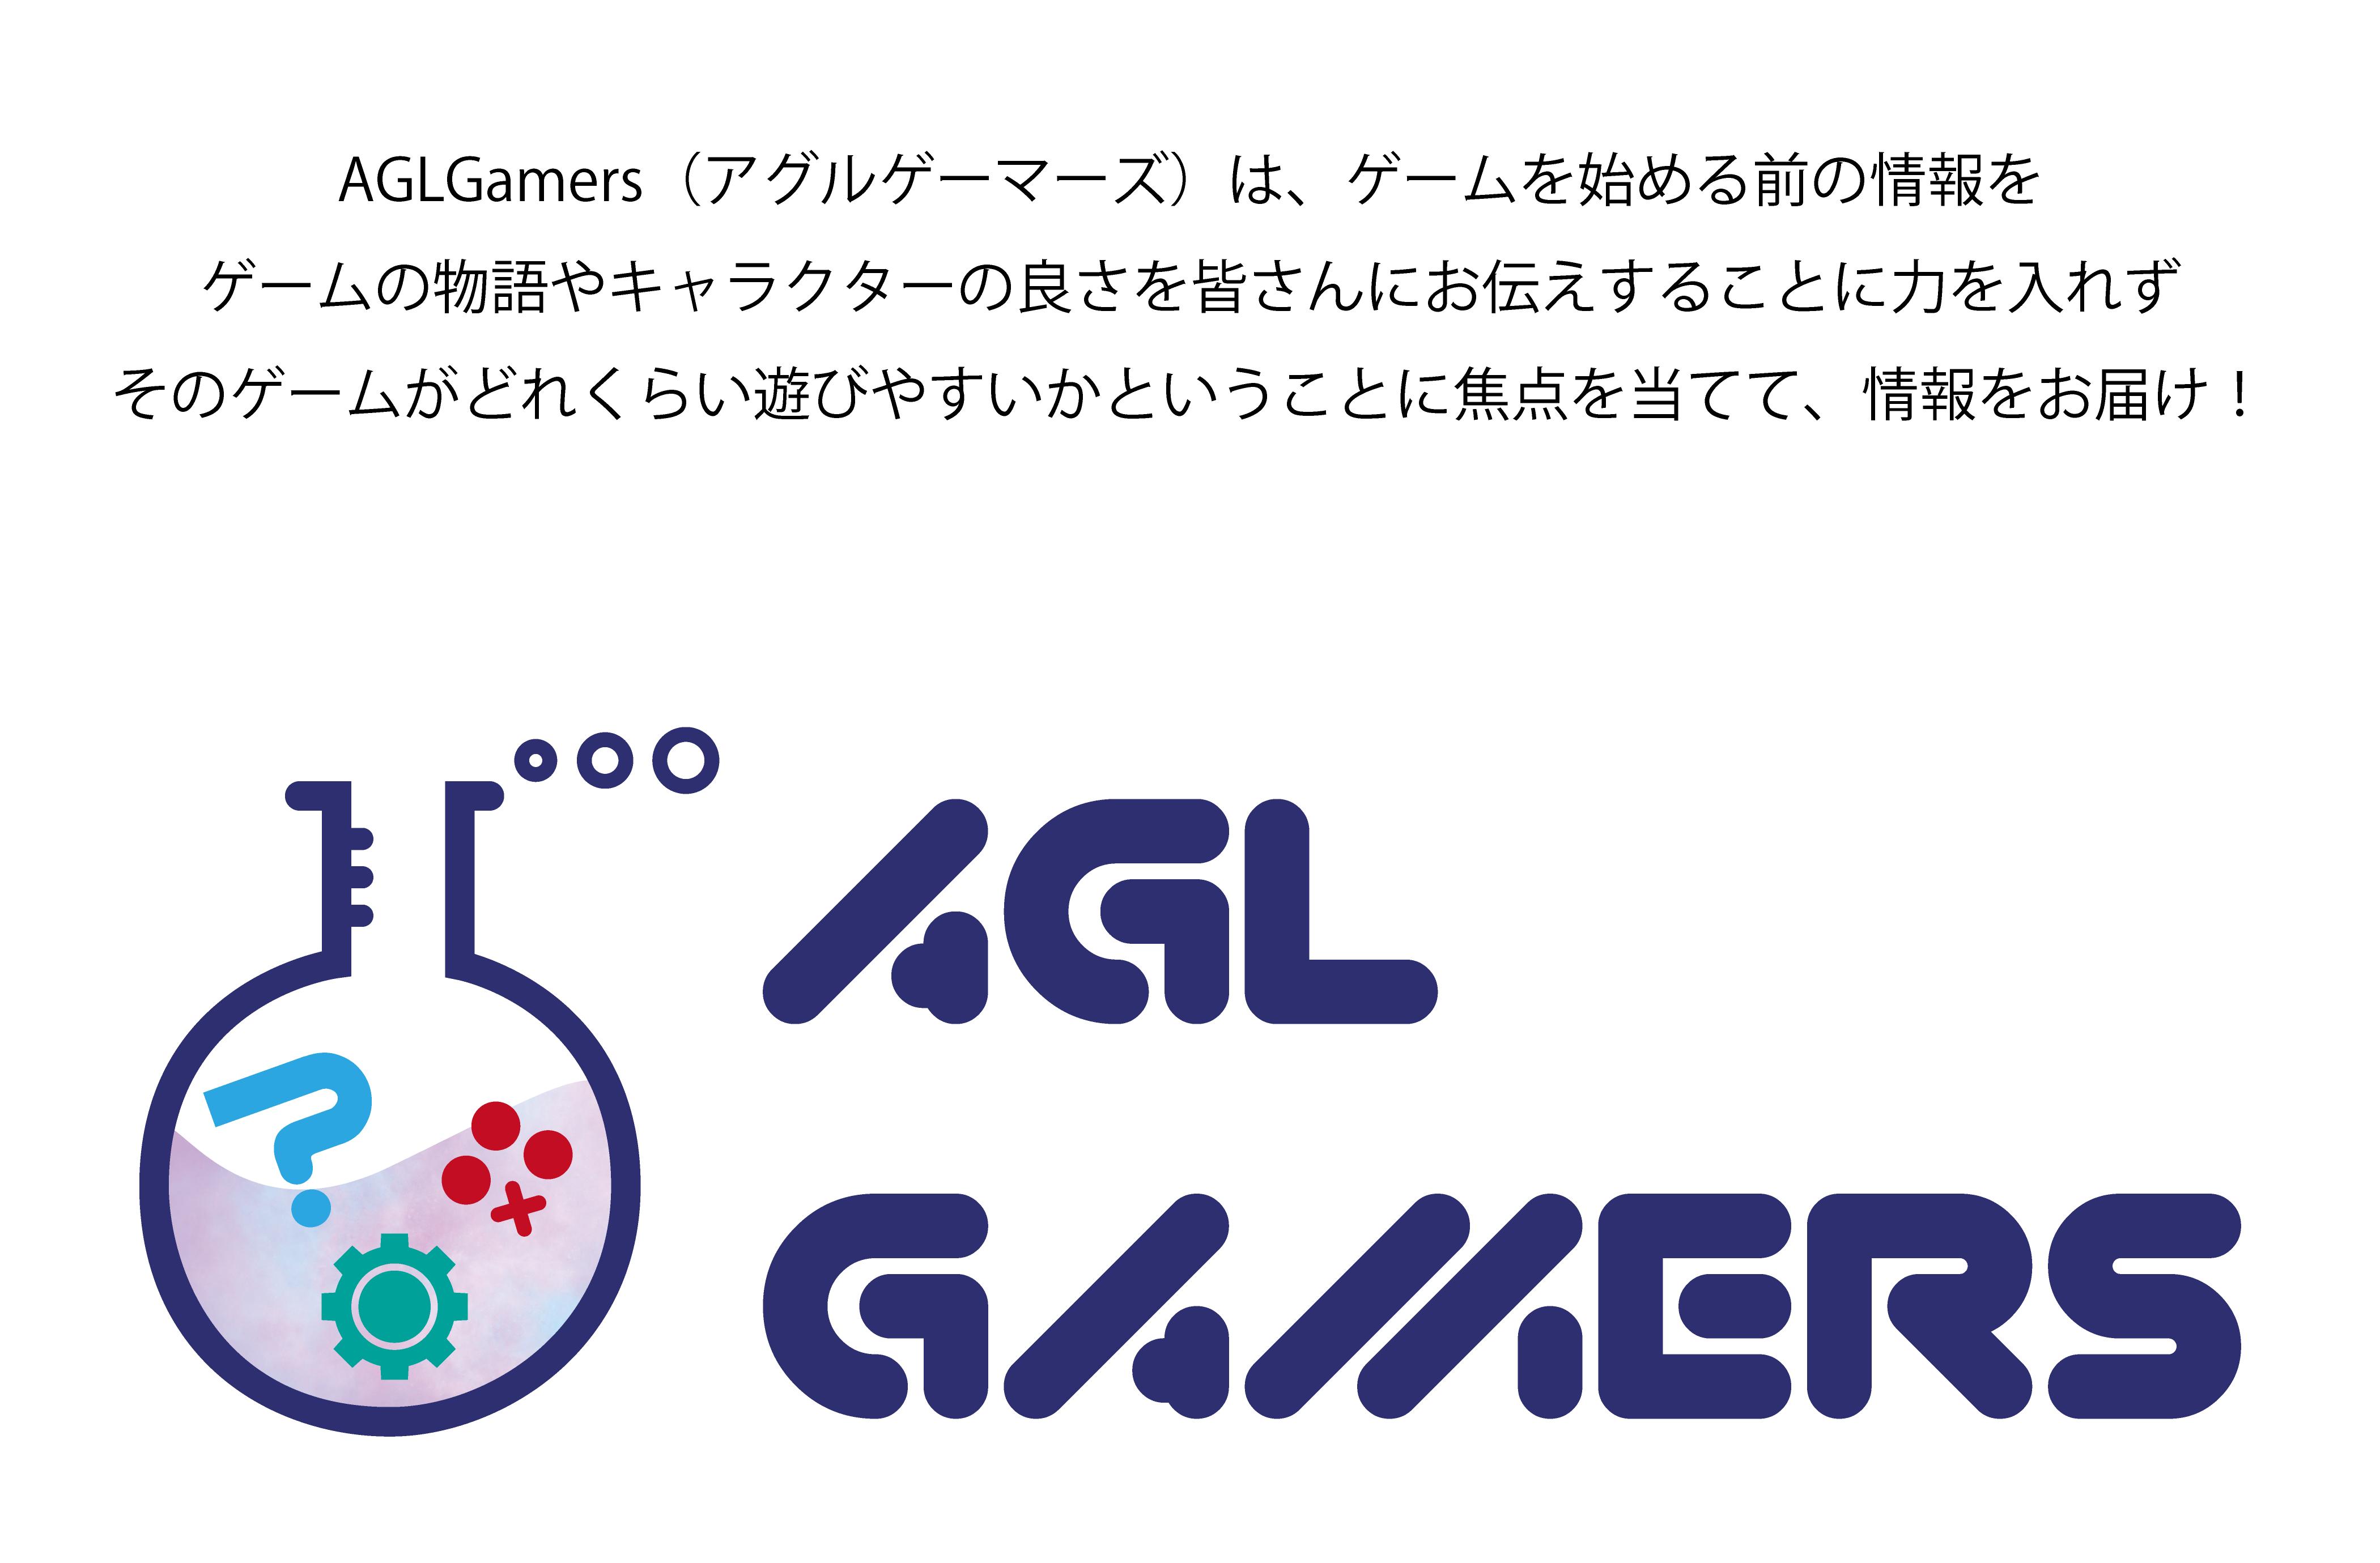 AGLGamers HP